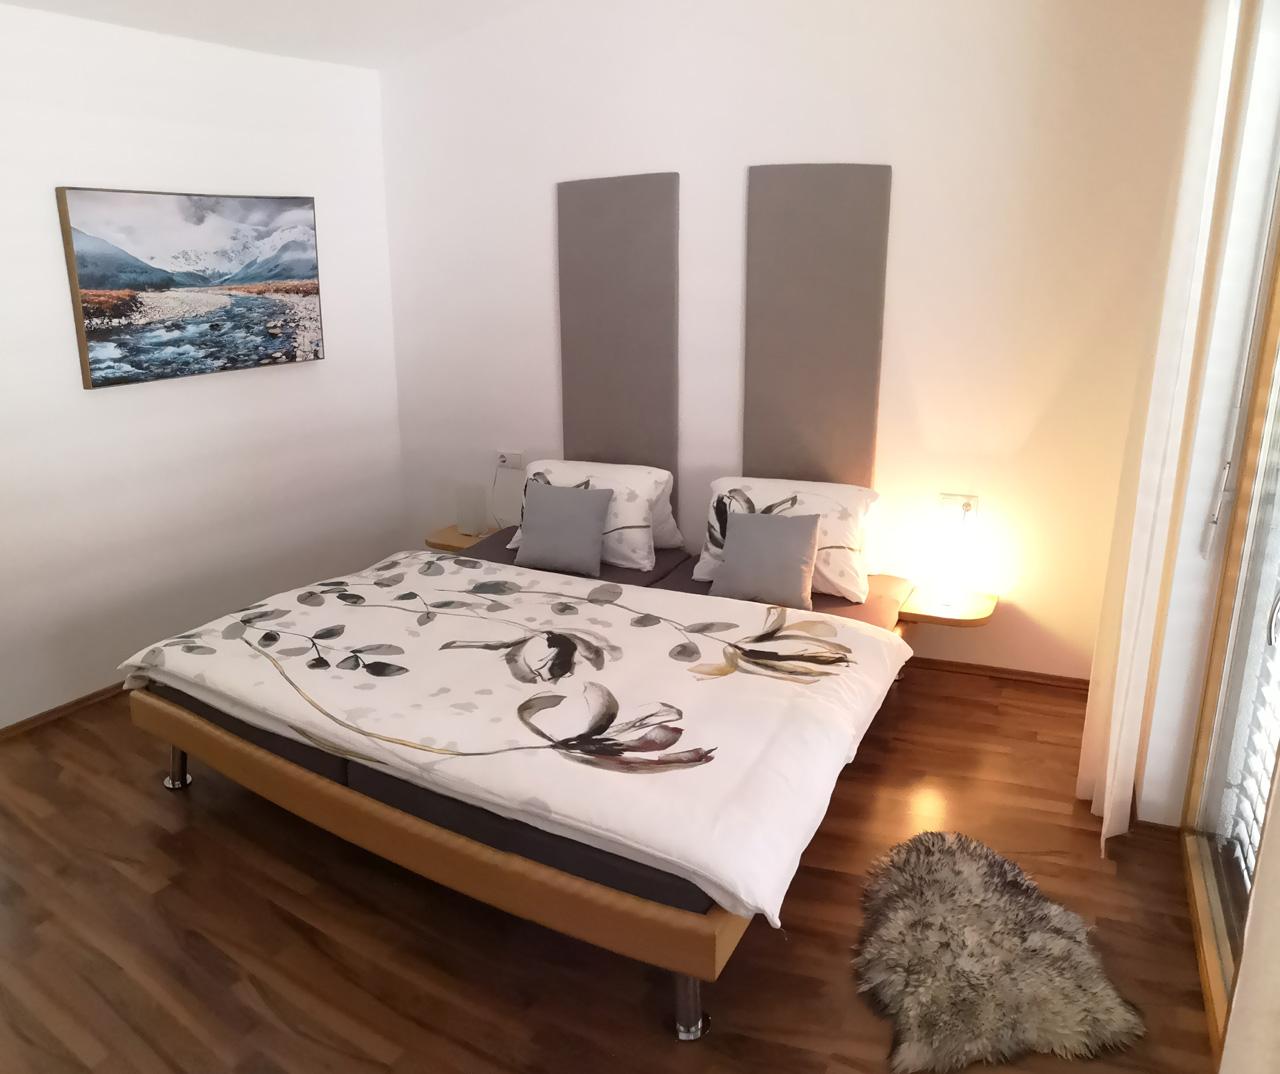 ferienhaus_adela12